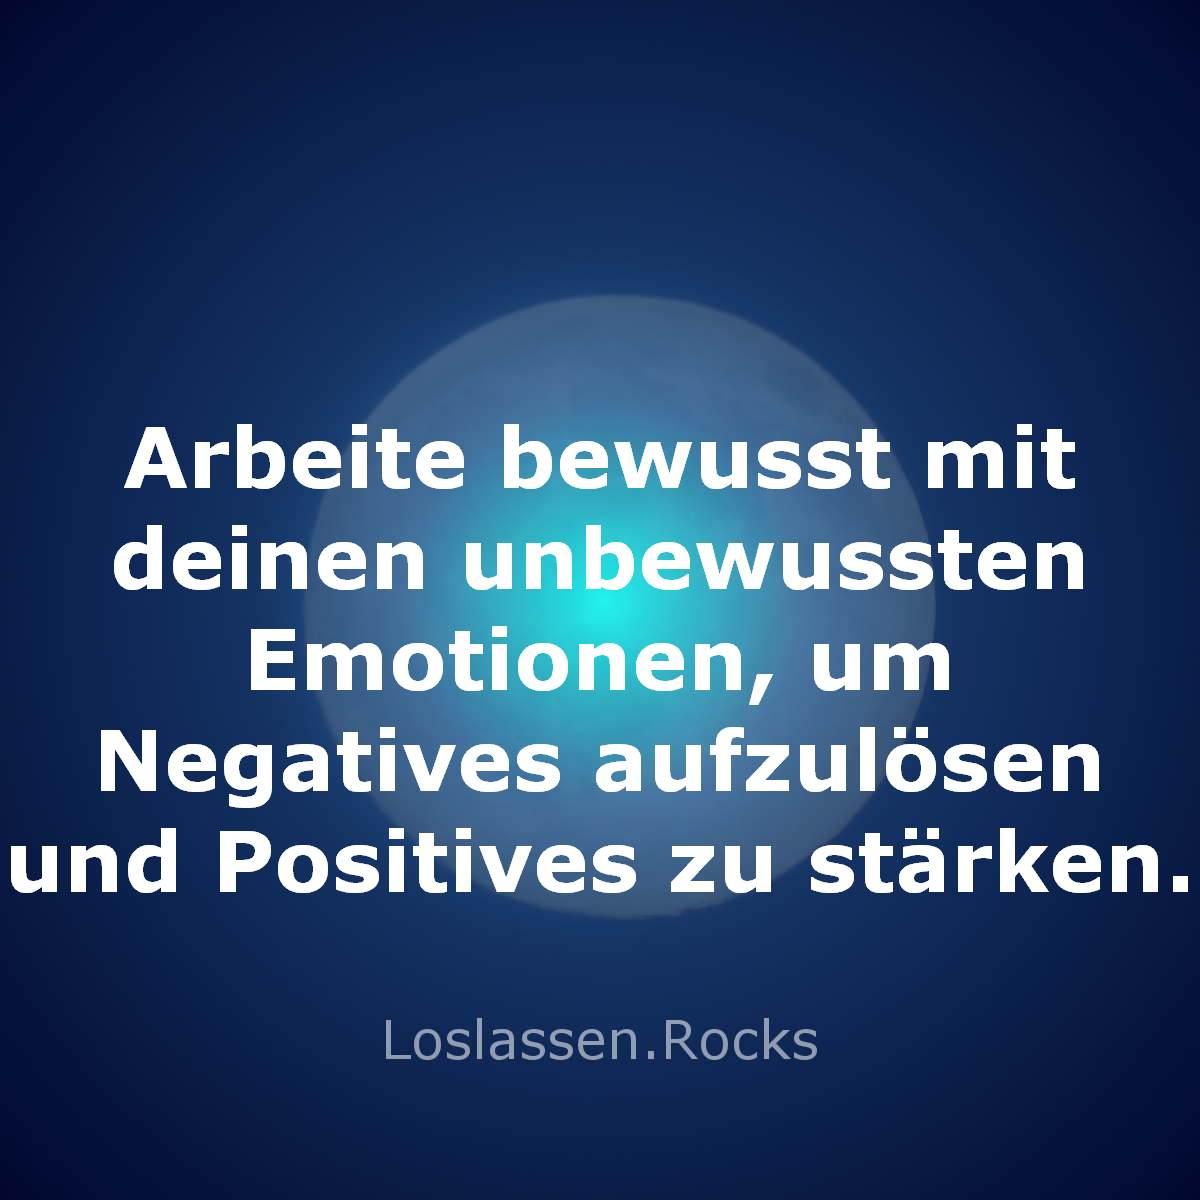 10-Arbeite-bewusst-mit-deinen-unbewussten-Emotionen-um-Negatives-aufzulösen-und-Positives-zu-stärken